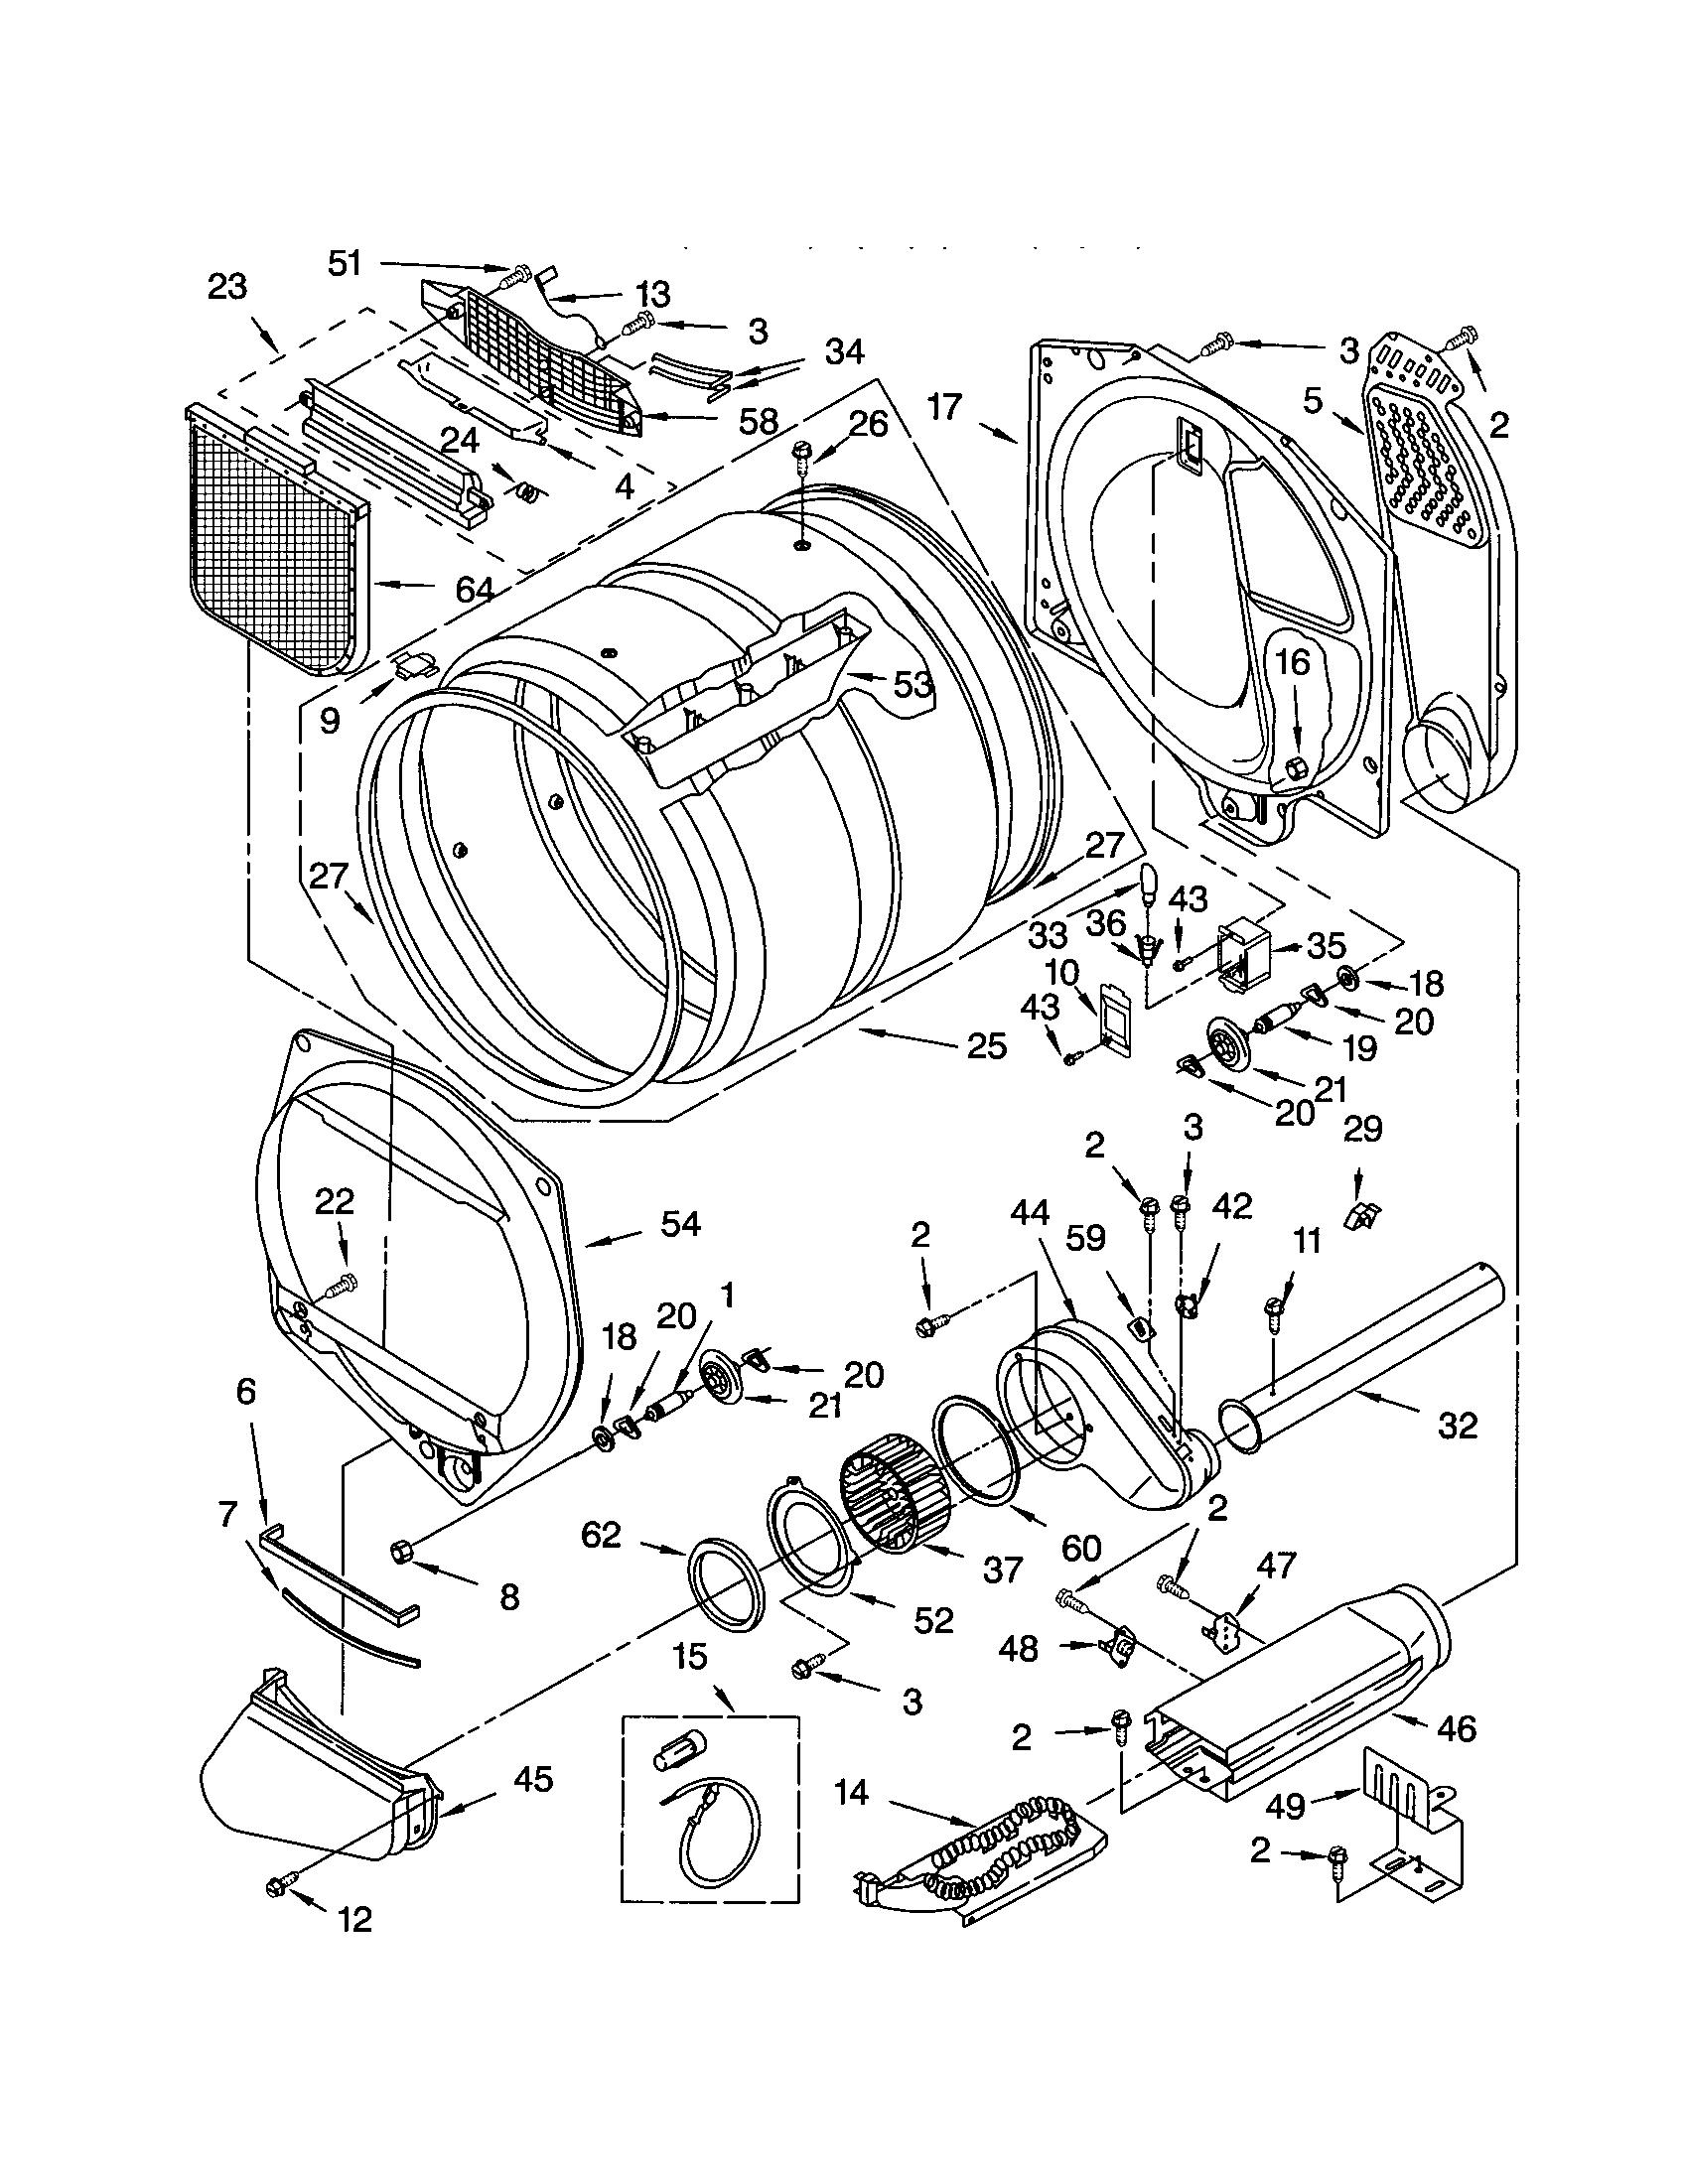 Looking for Kenmore model 11063032101 dryer repair ... on whirlpool dryer schematic wiring diagram, 110 block wiring diagram, kenmore washing machine model 110 wiring diagram, kenmore dryer parts diagram, ptz camera wiring diagram,